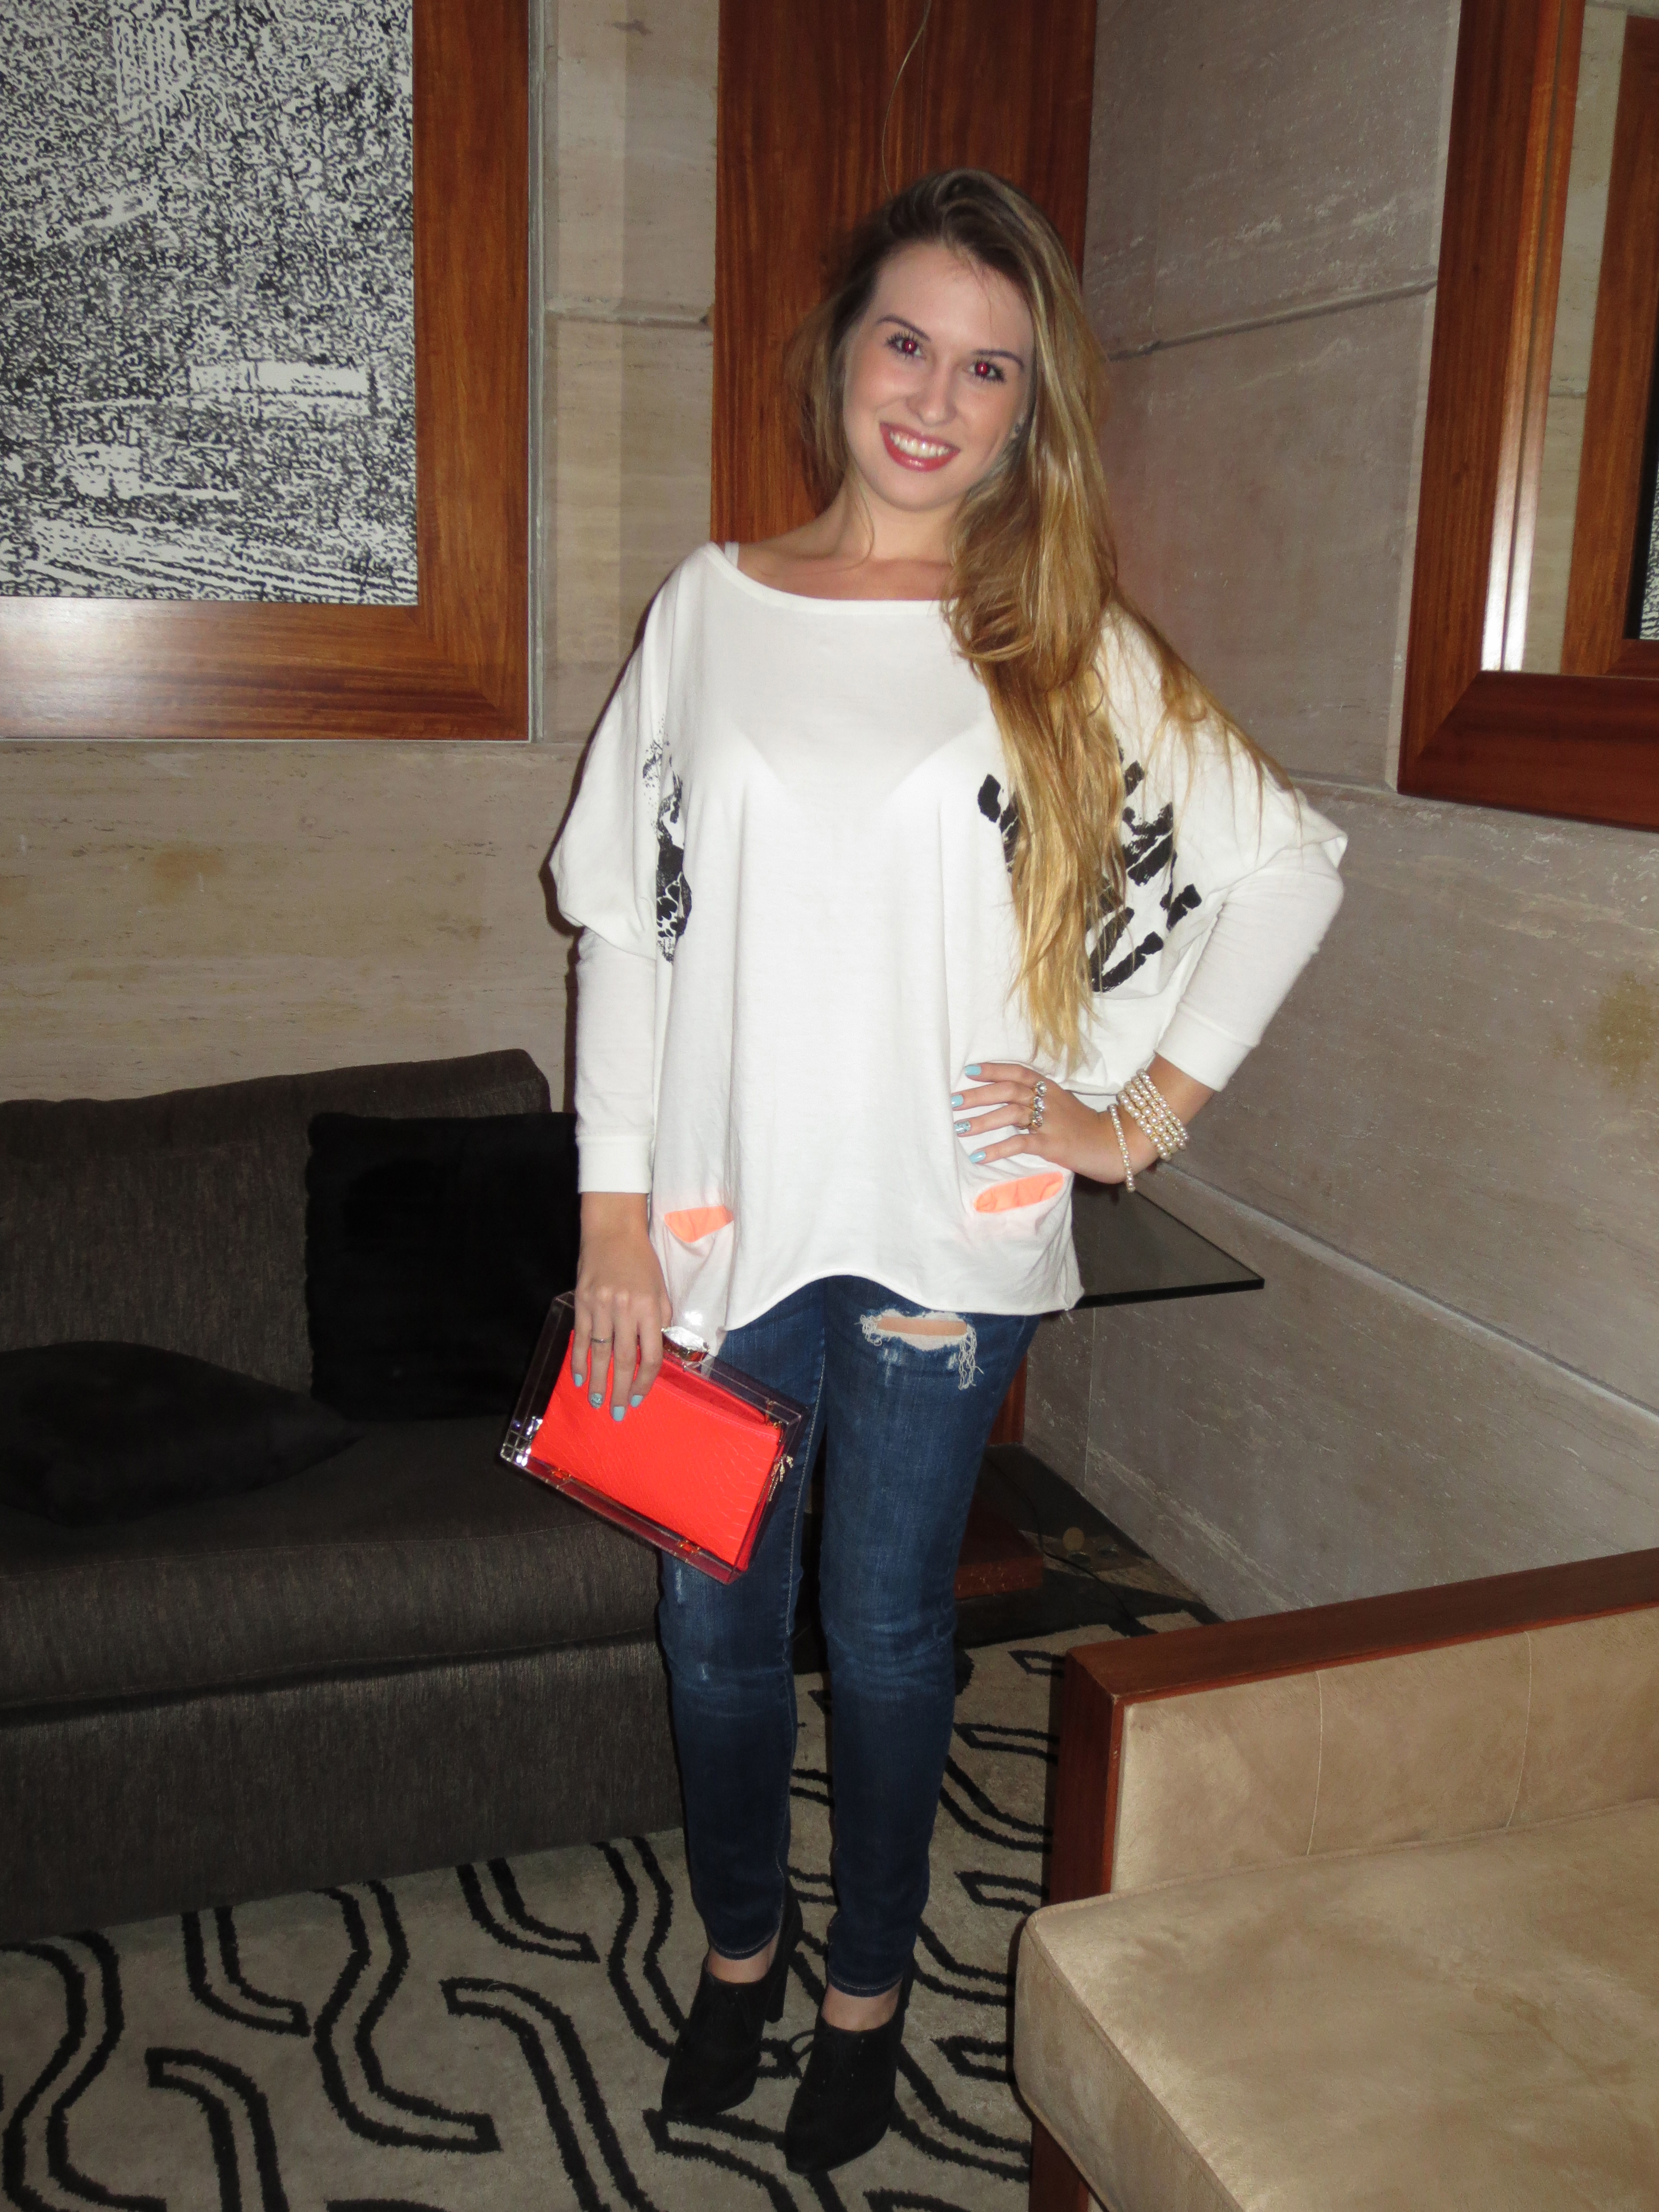 Bolsa Dourada Durante O Dia : Look do dia blusa de cruz bolsa acrilico crie moda